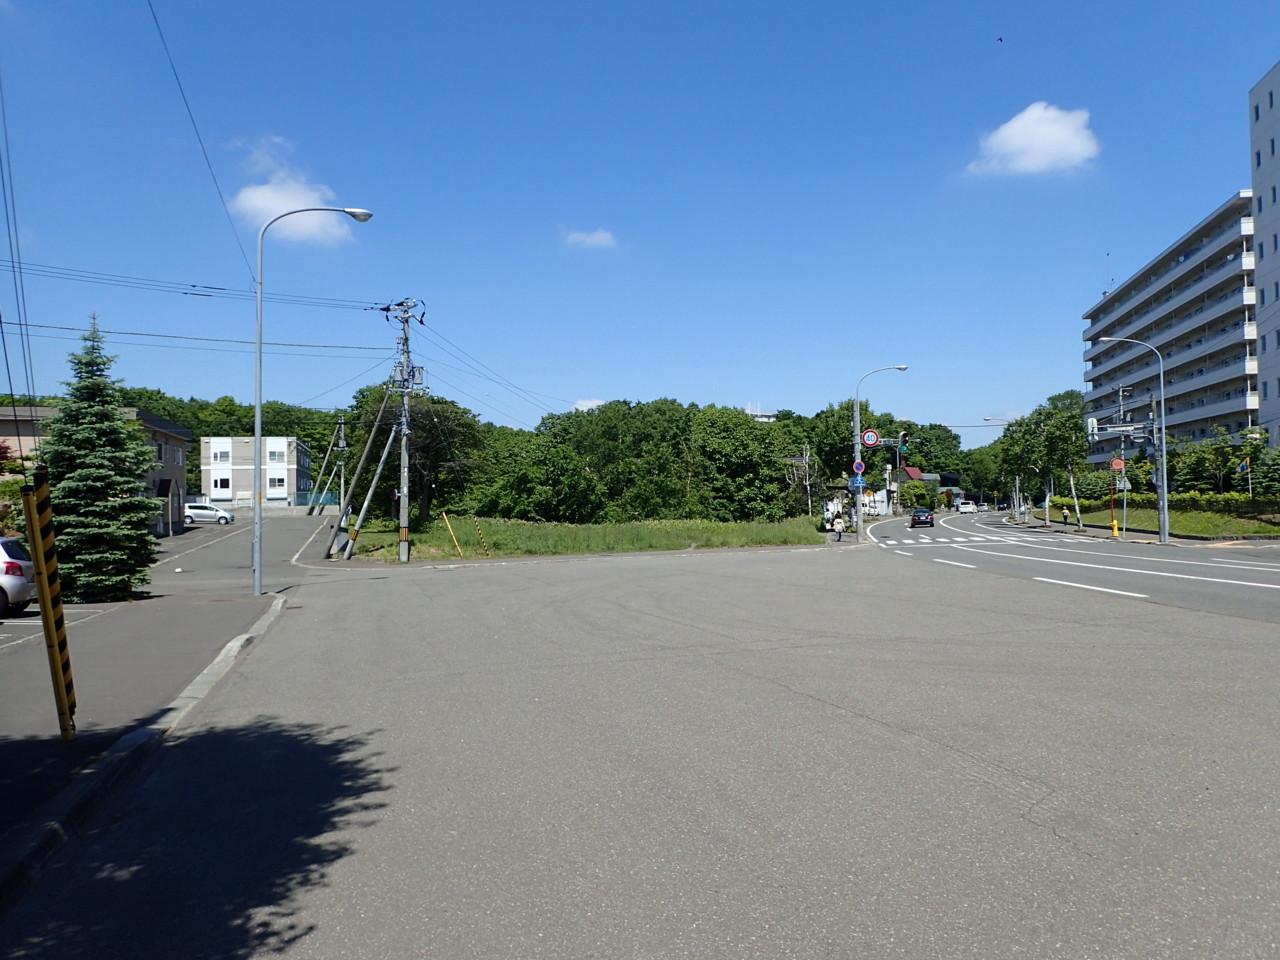 滝野上野幌自転車道路上野幌側終点